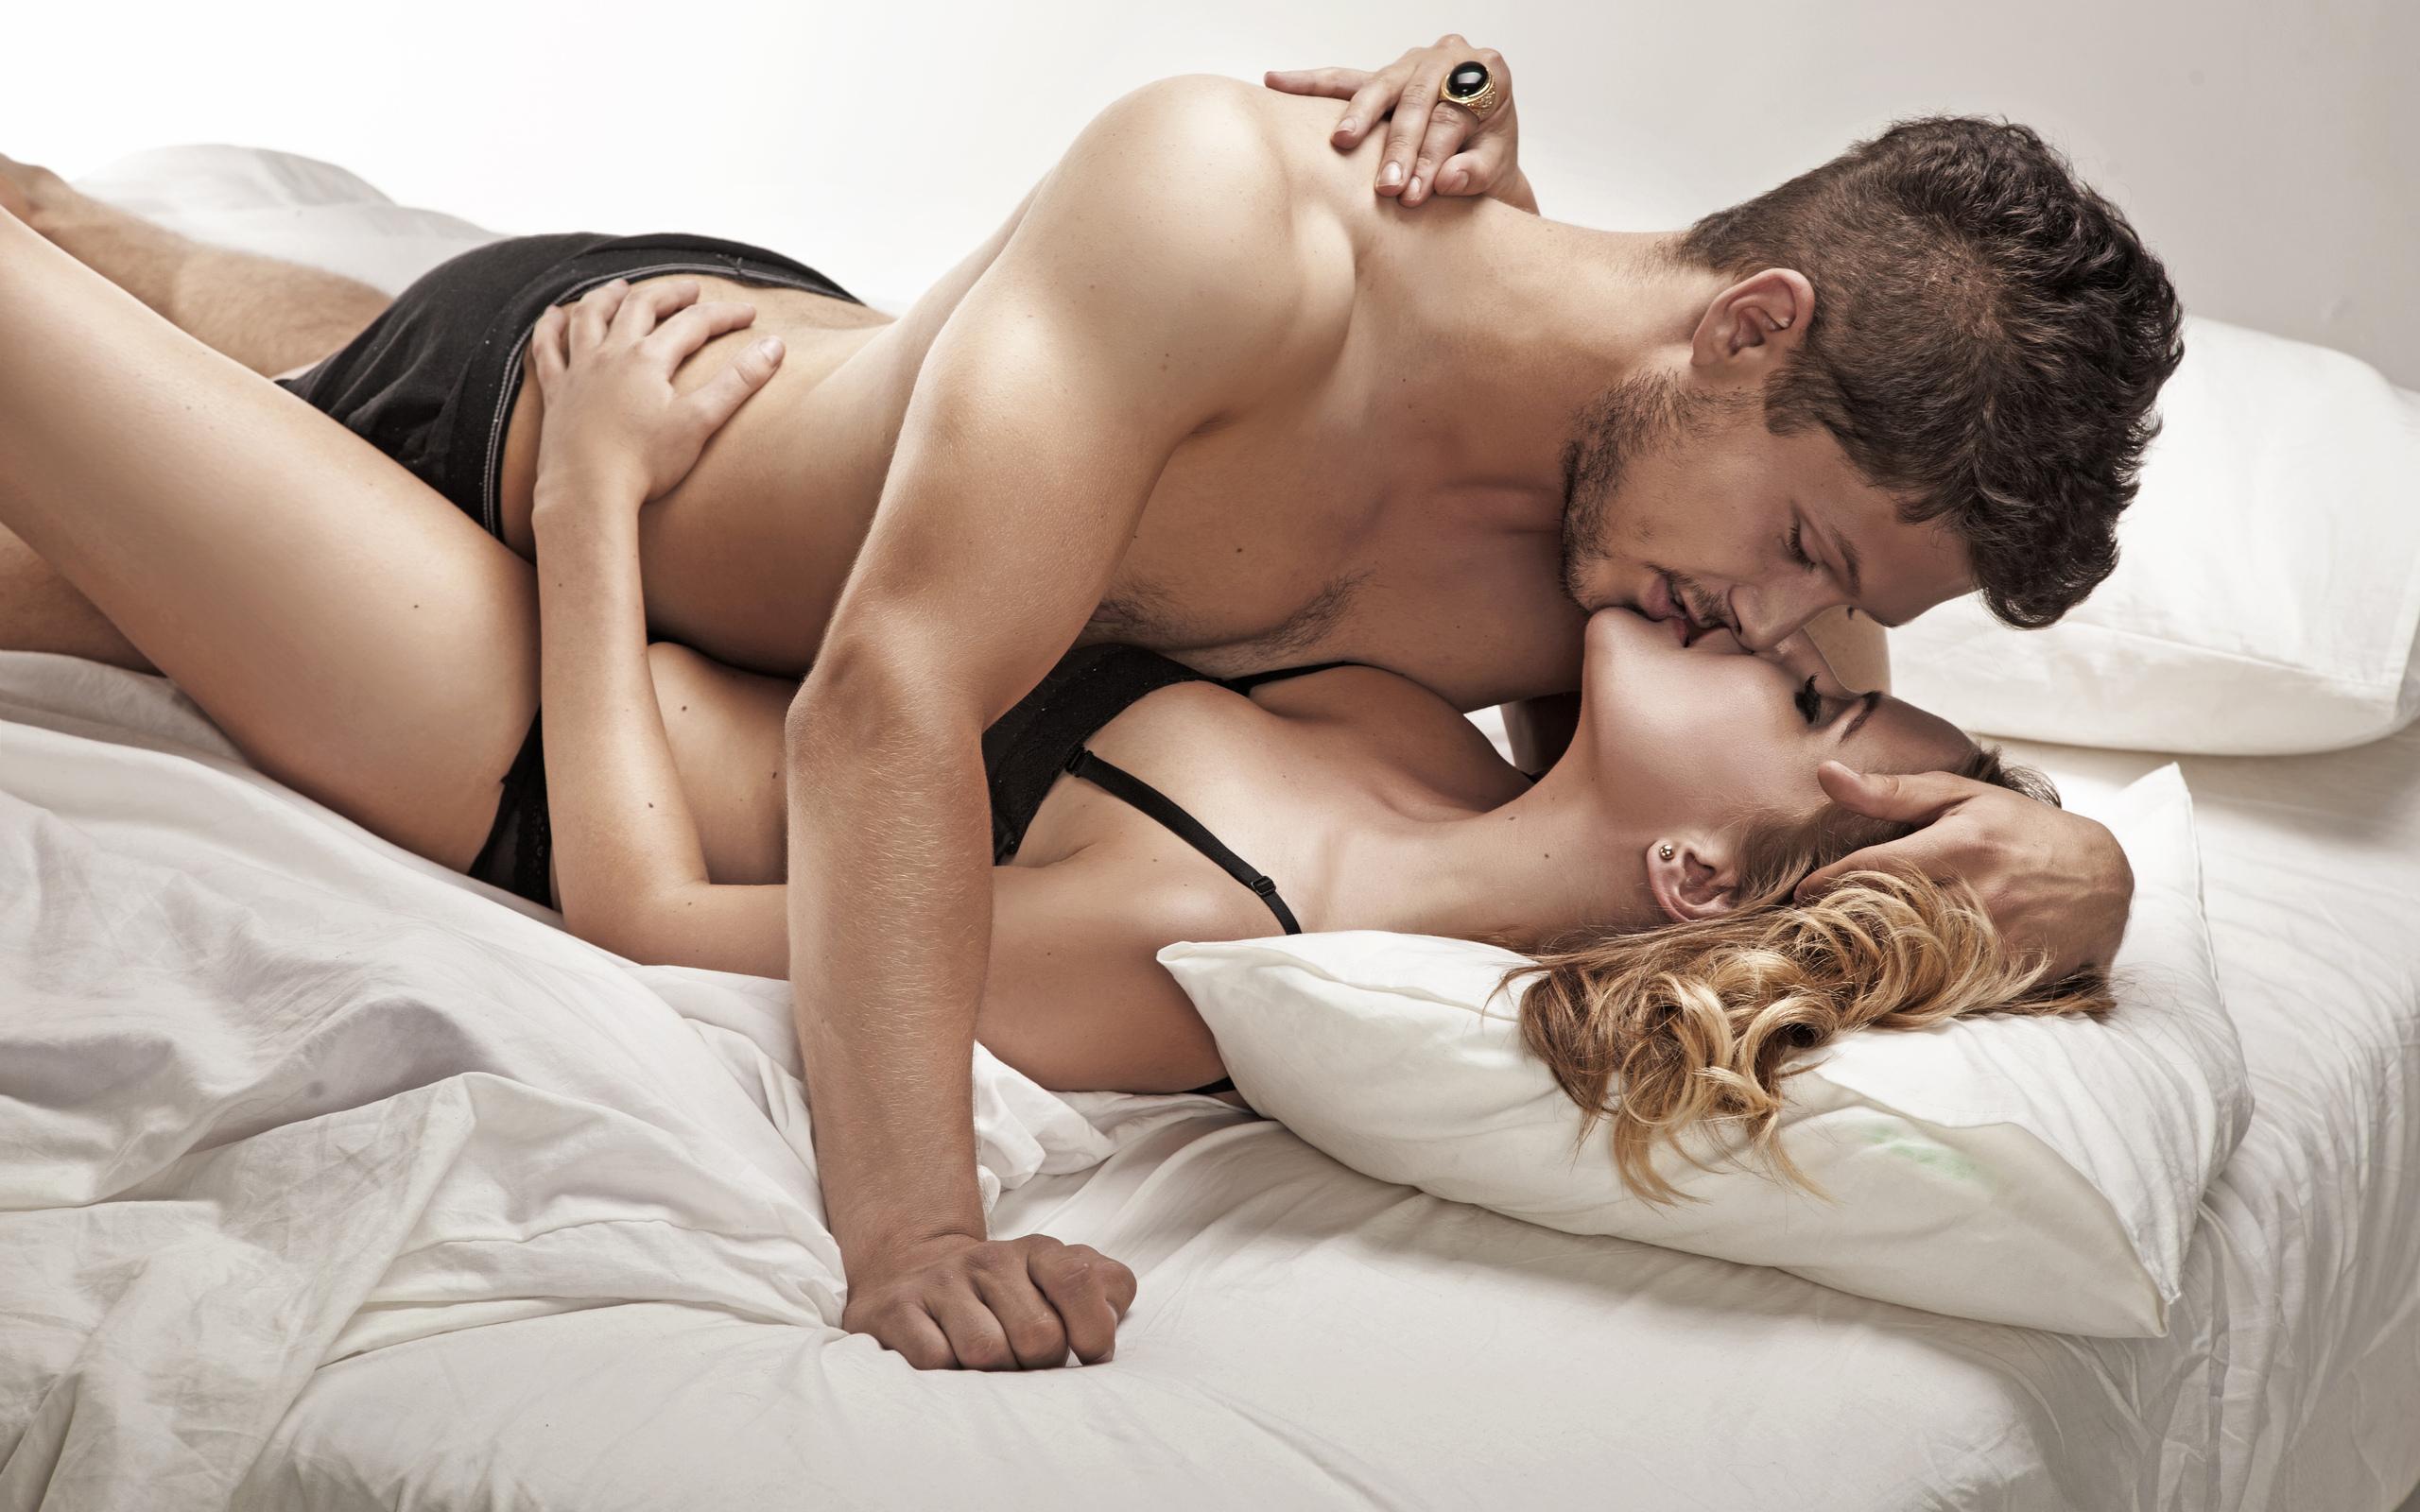 eroticheskie-foto-paren-sverhu-seks-spyashimi-zhenami